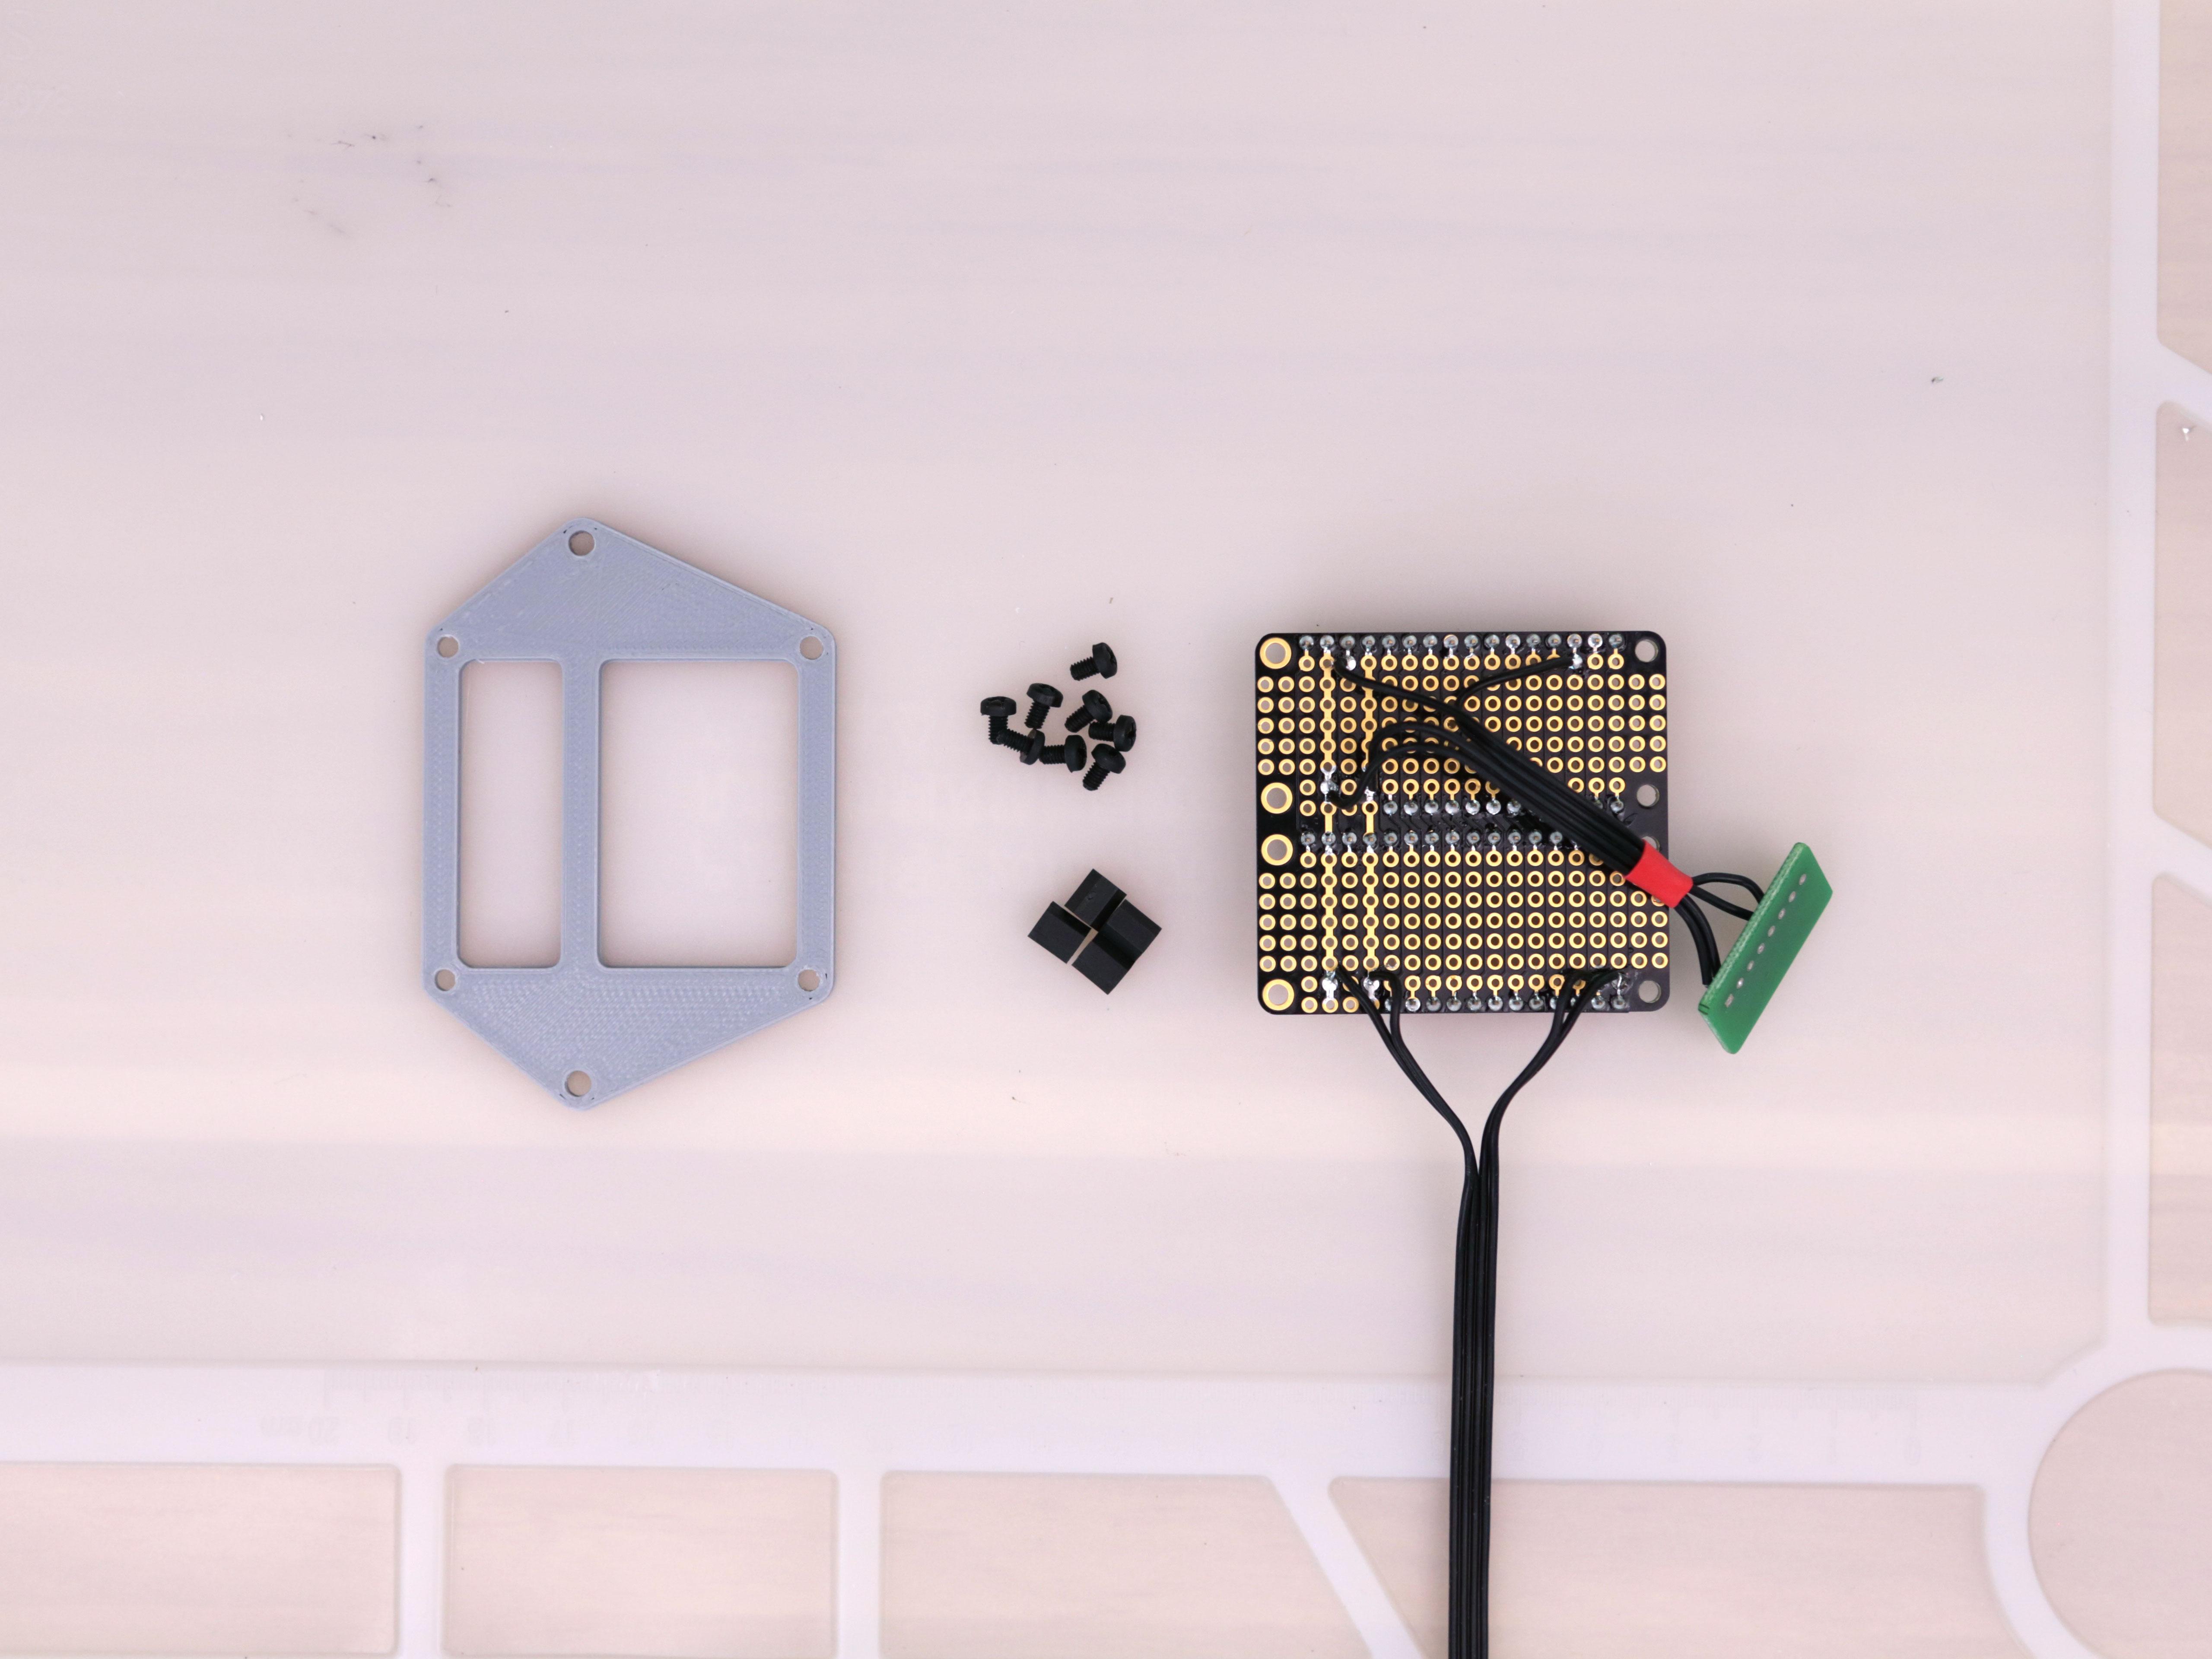 sensors_featherwing-hardware.jpg